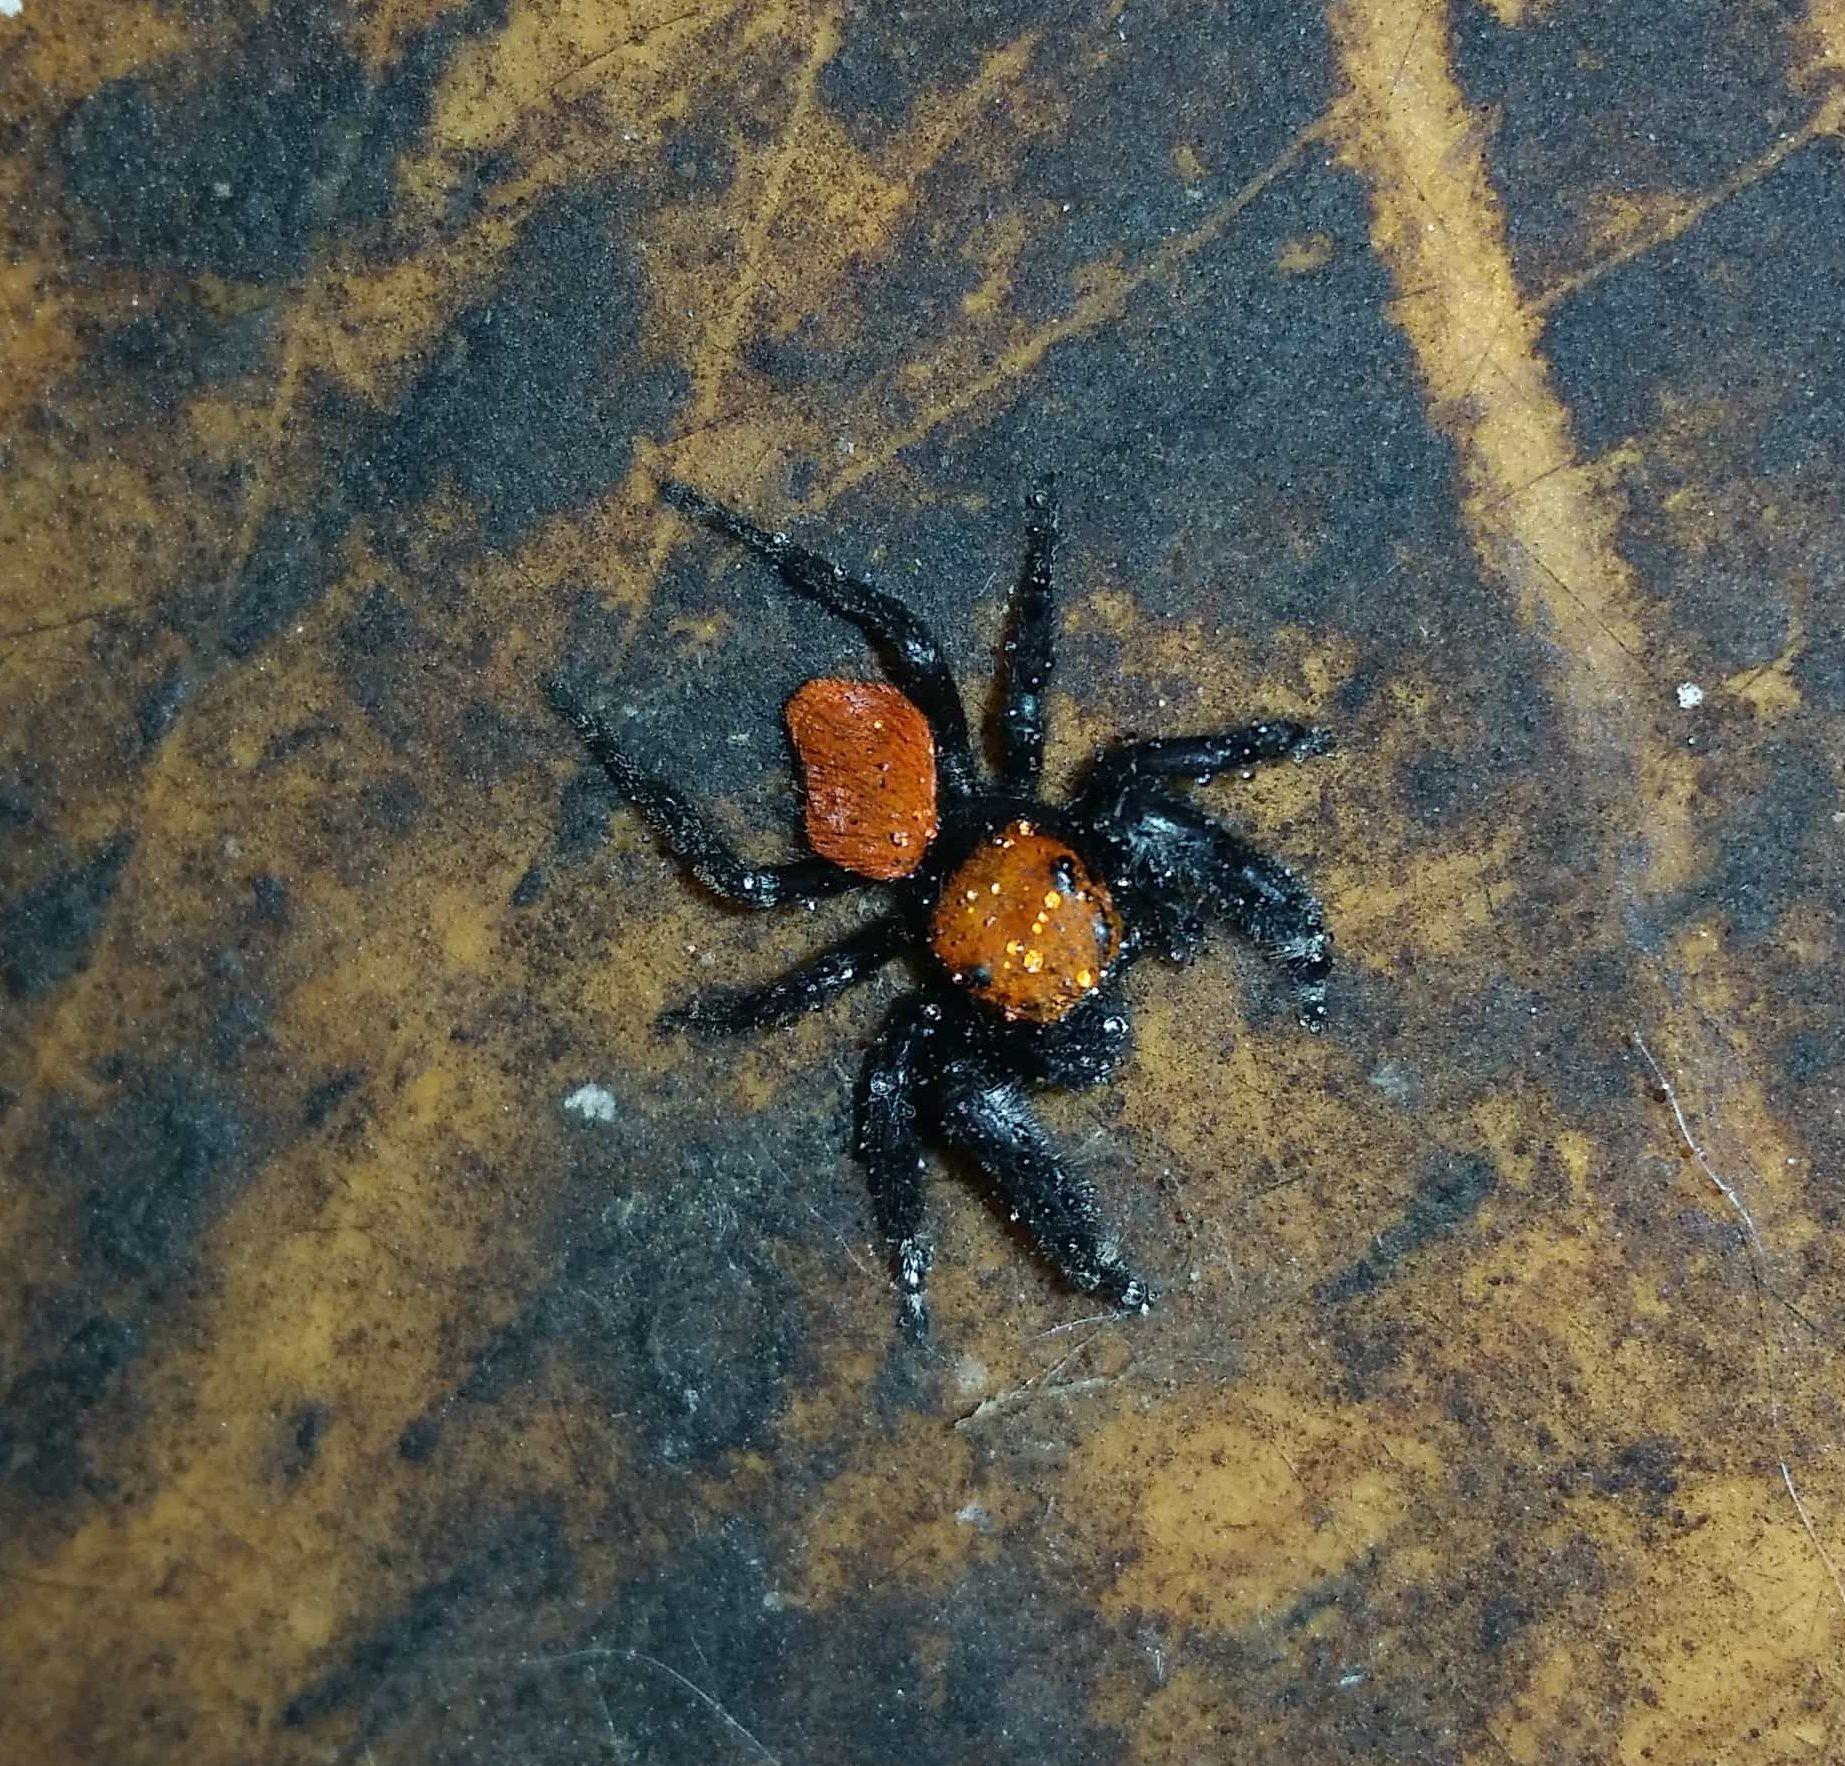 Picture of Phidippus apacheanus (Apache Jumping Spider) - Dorsal